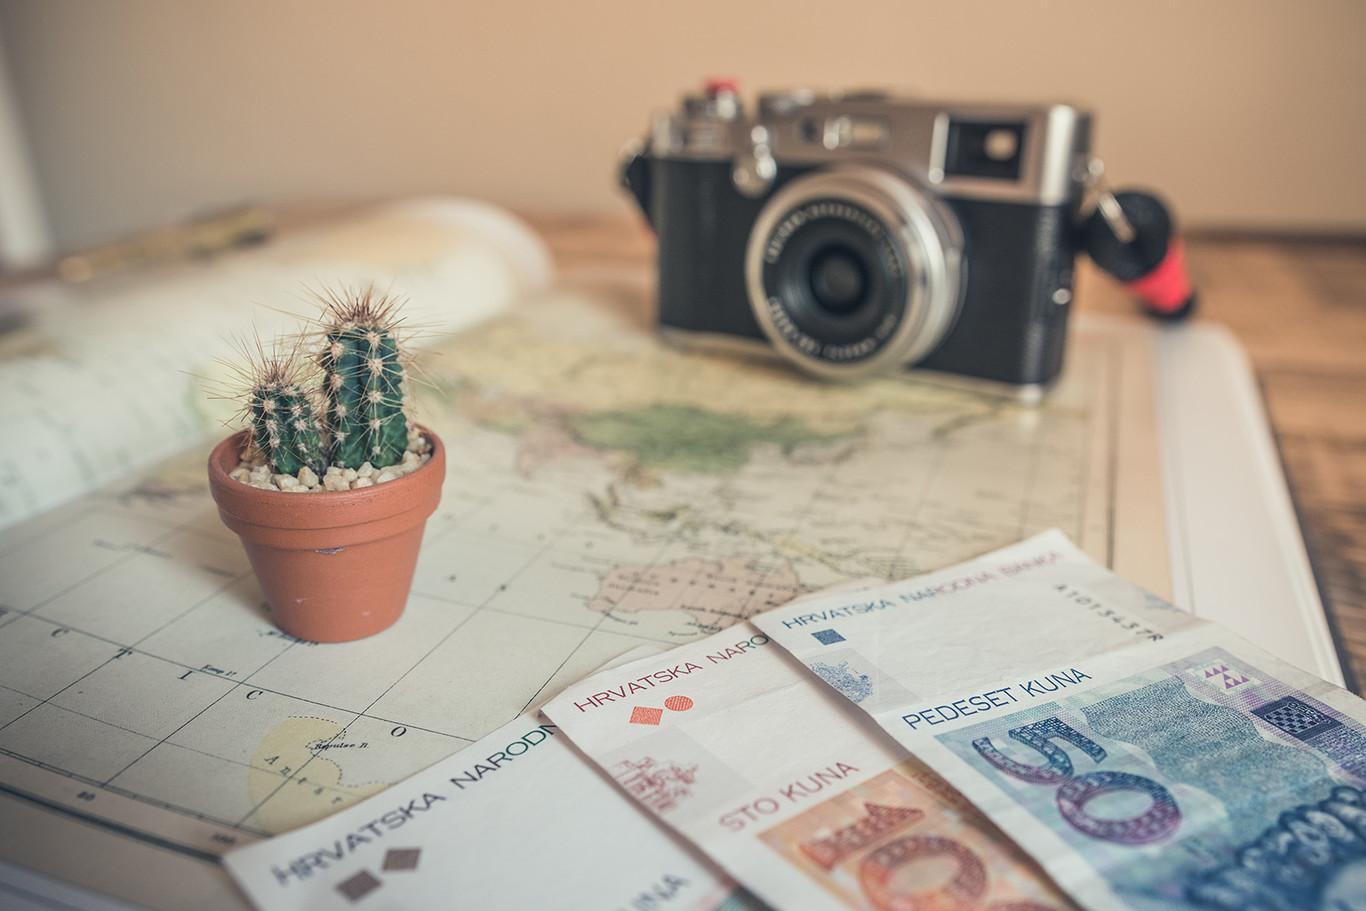 Este fotógrafo cuenta cómo conseguir 500 dólares al mes con nuestras fotos en Microstock